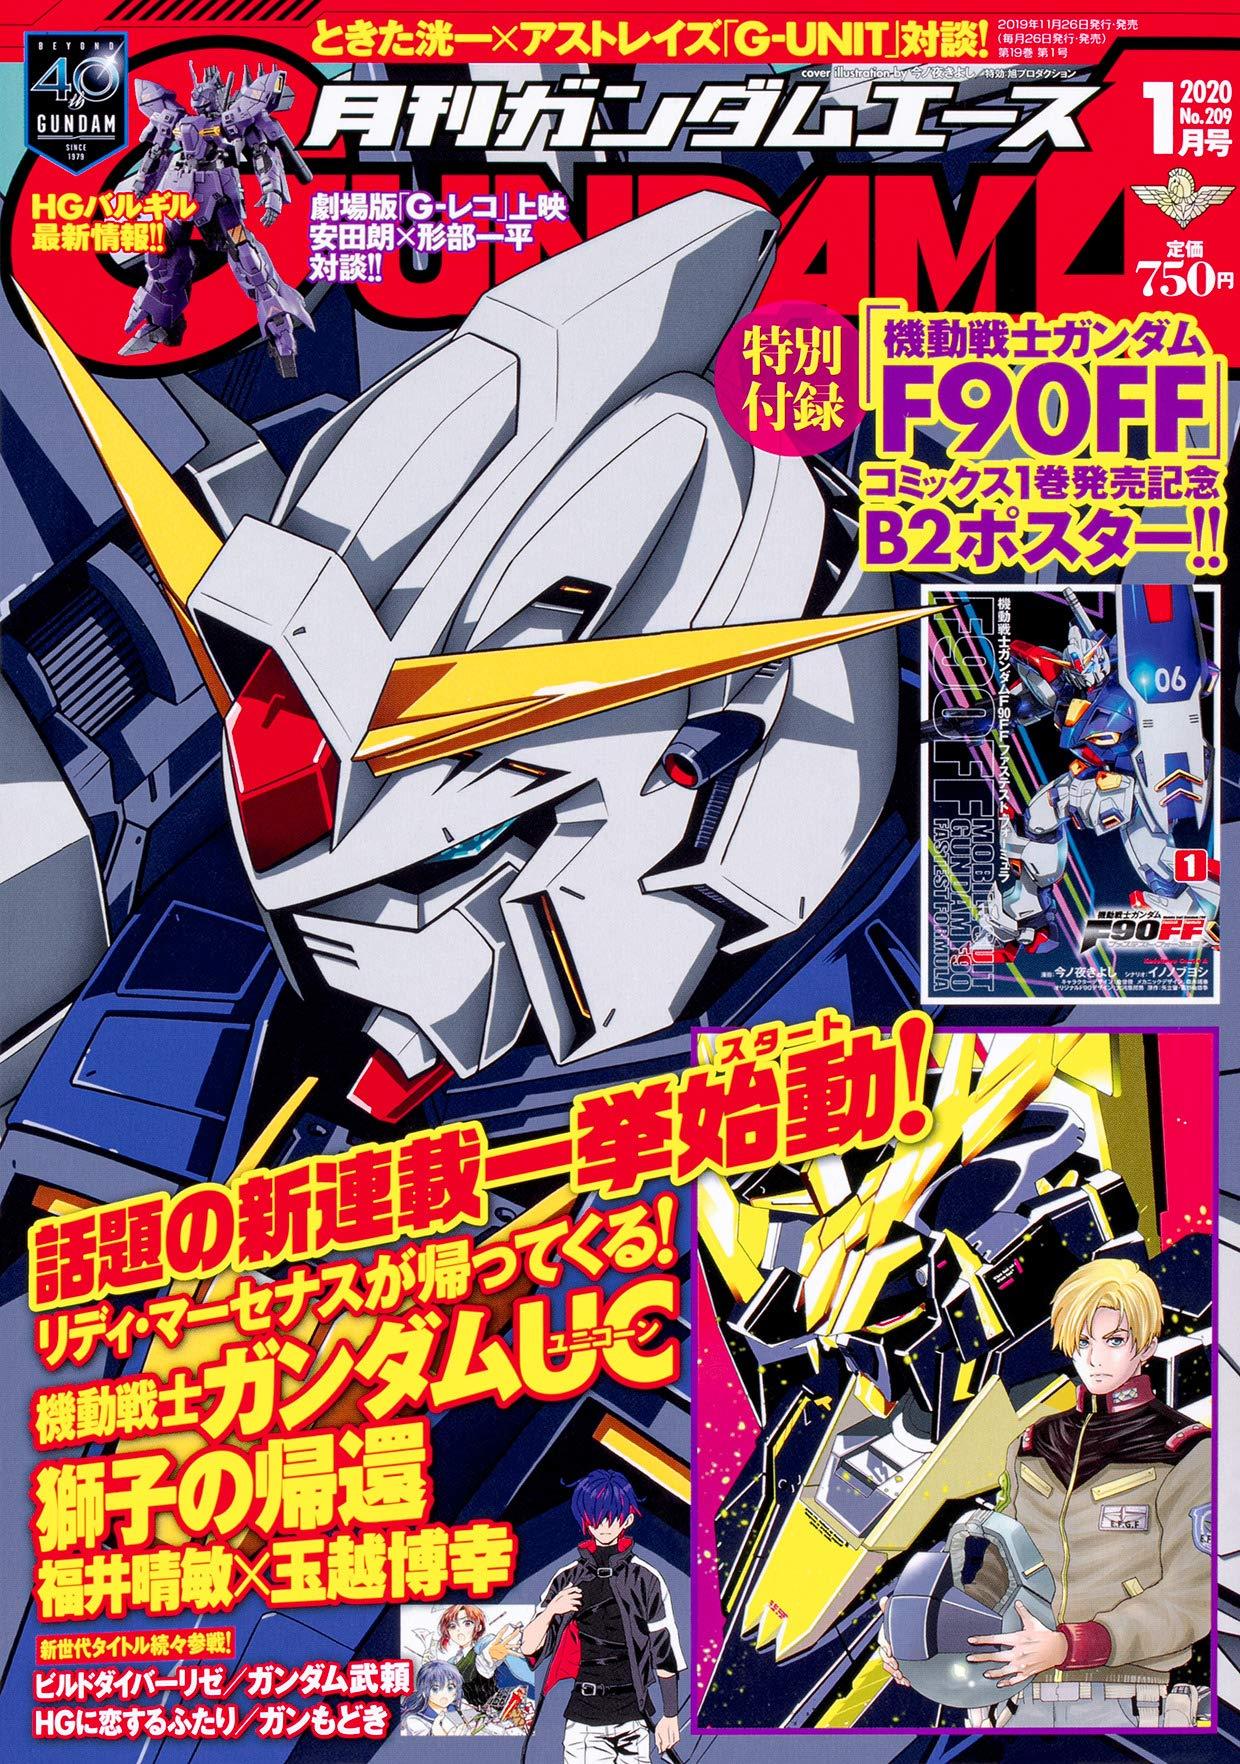 月刊高达ACE No.209 2020年01月号